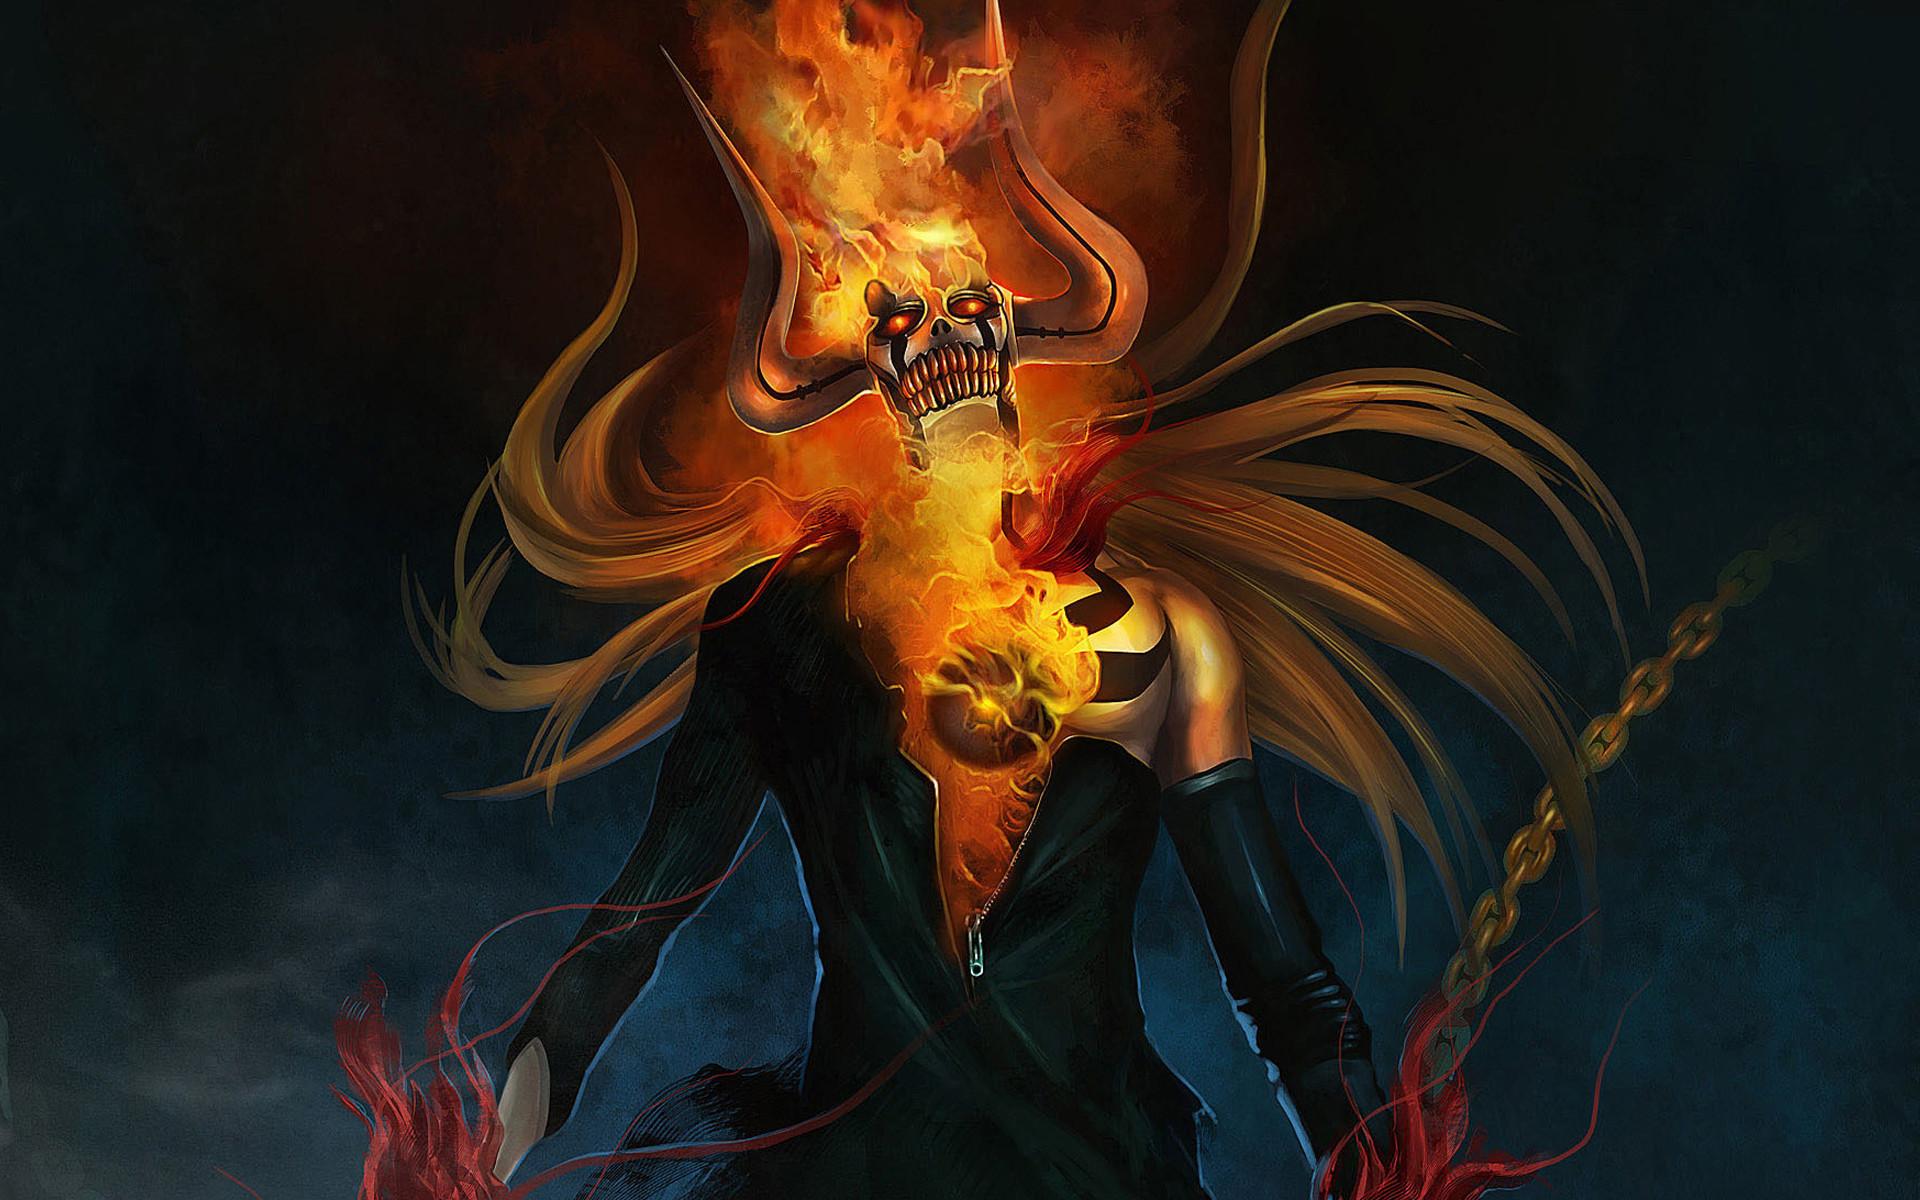 Vasto Lorde Bleach Ichigo Flaming Skull Anime Wallpaper 1920×1200